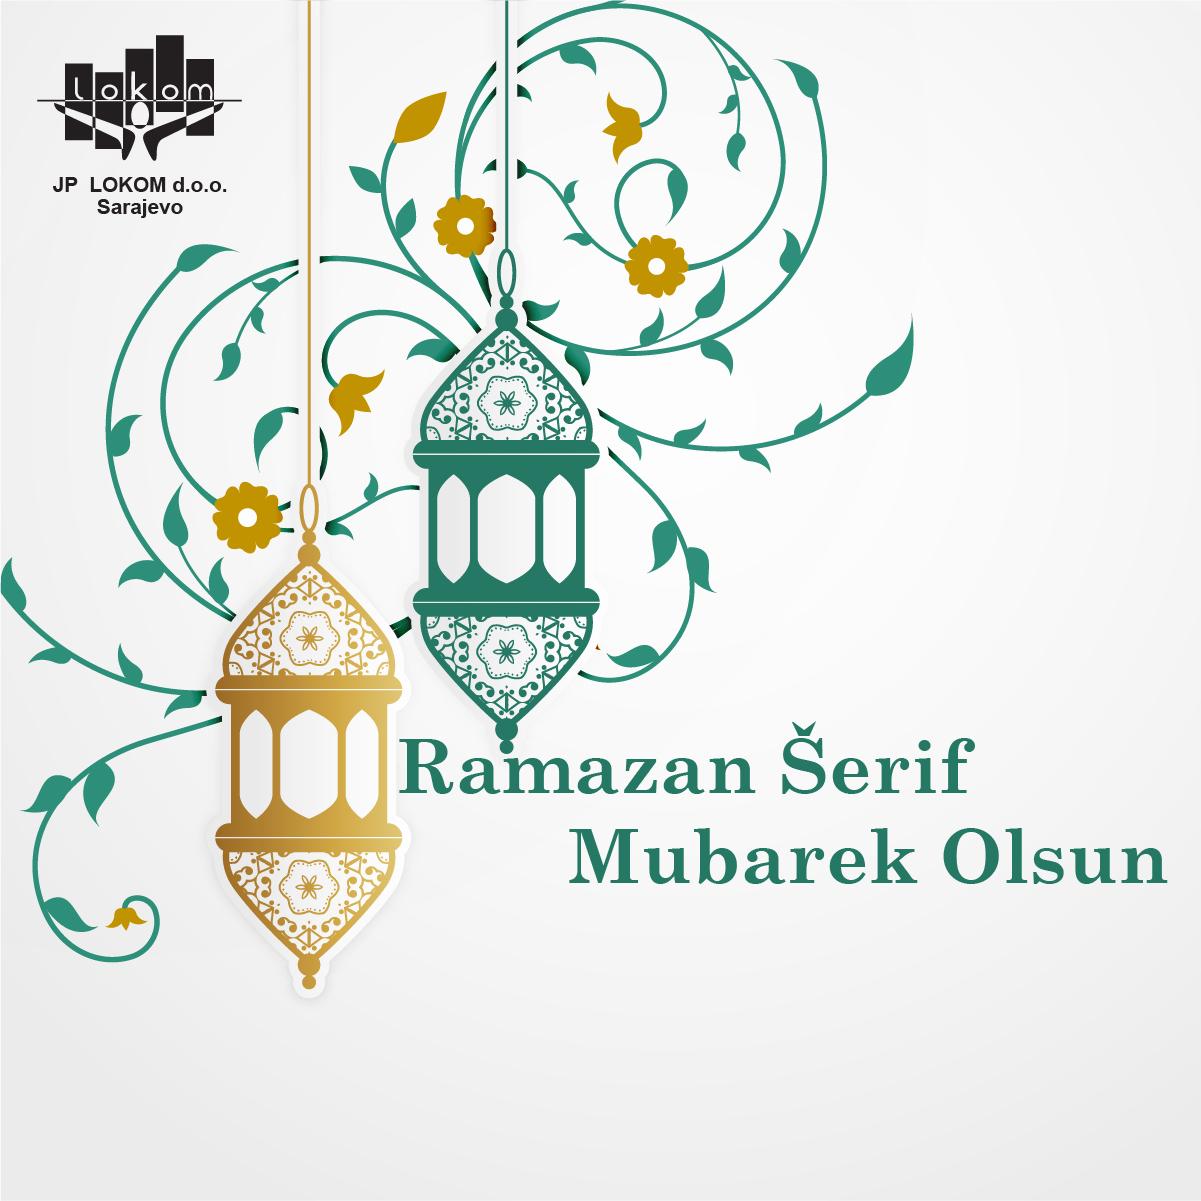 Ramazanska čestitka